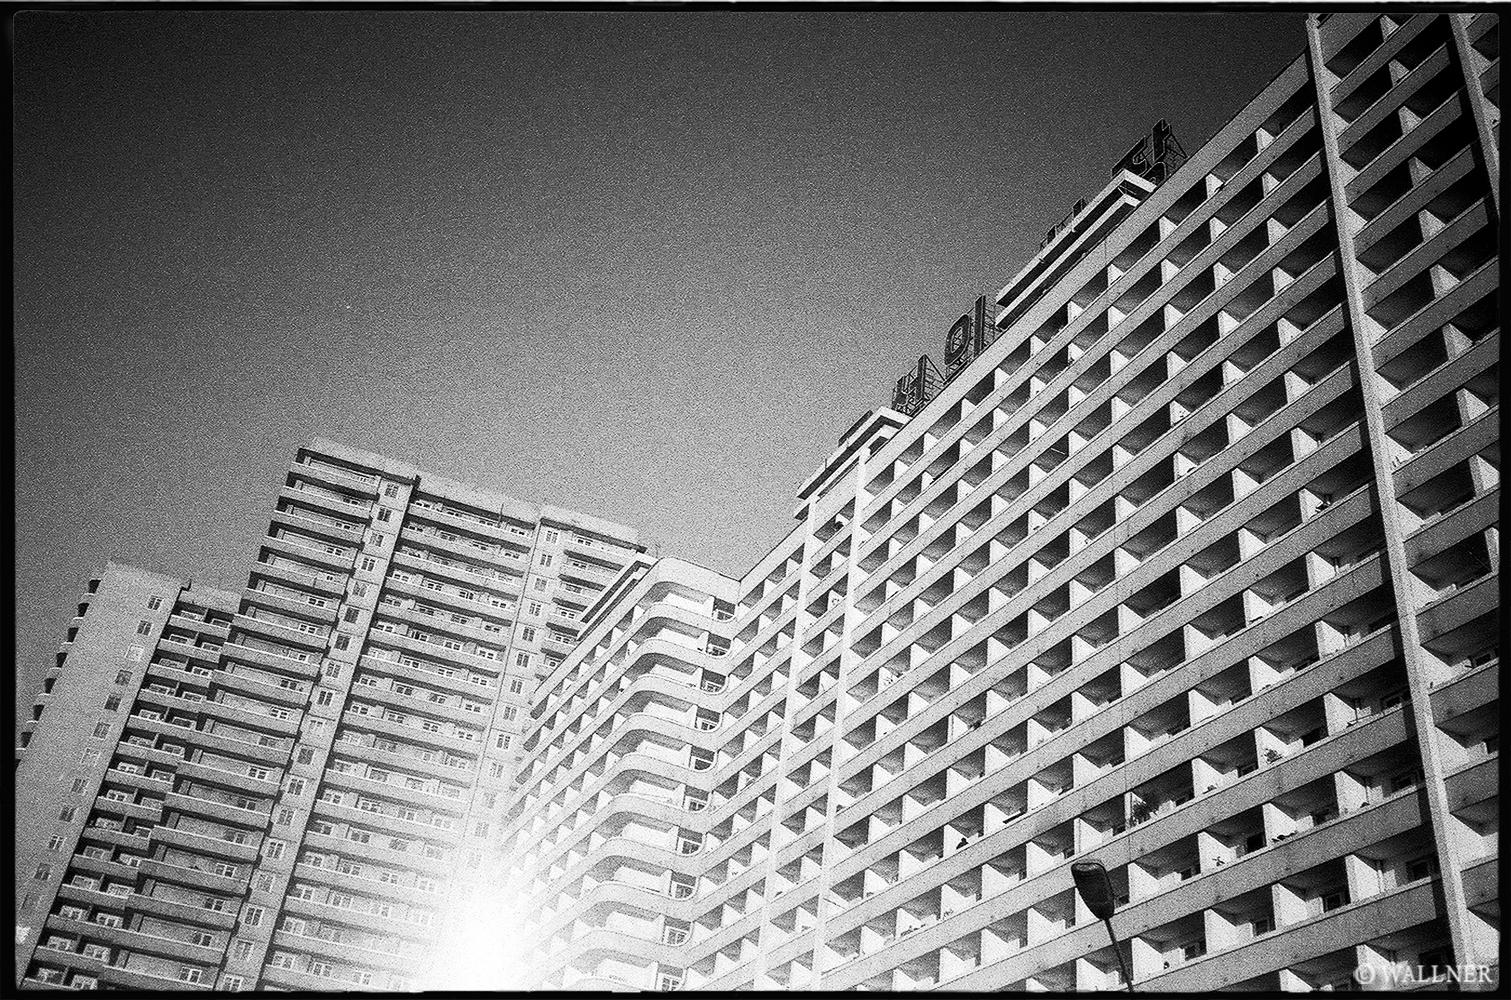 35mmPatrikWallner_Pyongyang_ConcreteLOWQ